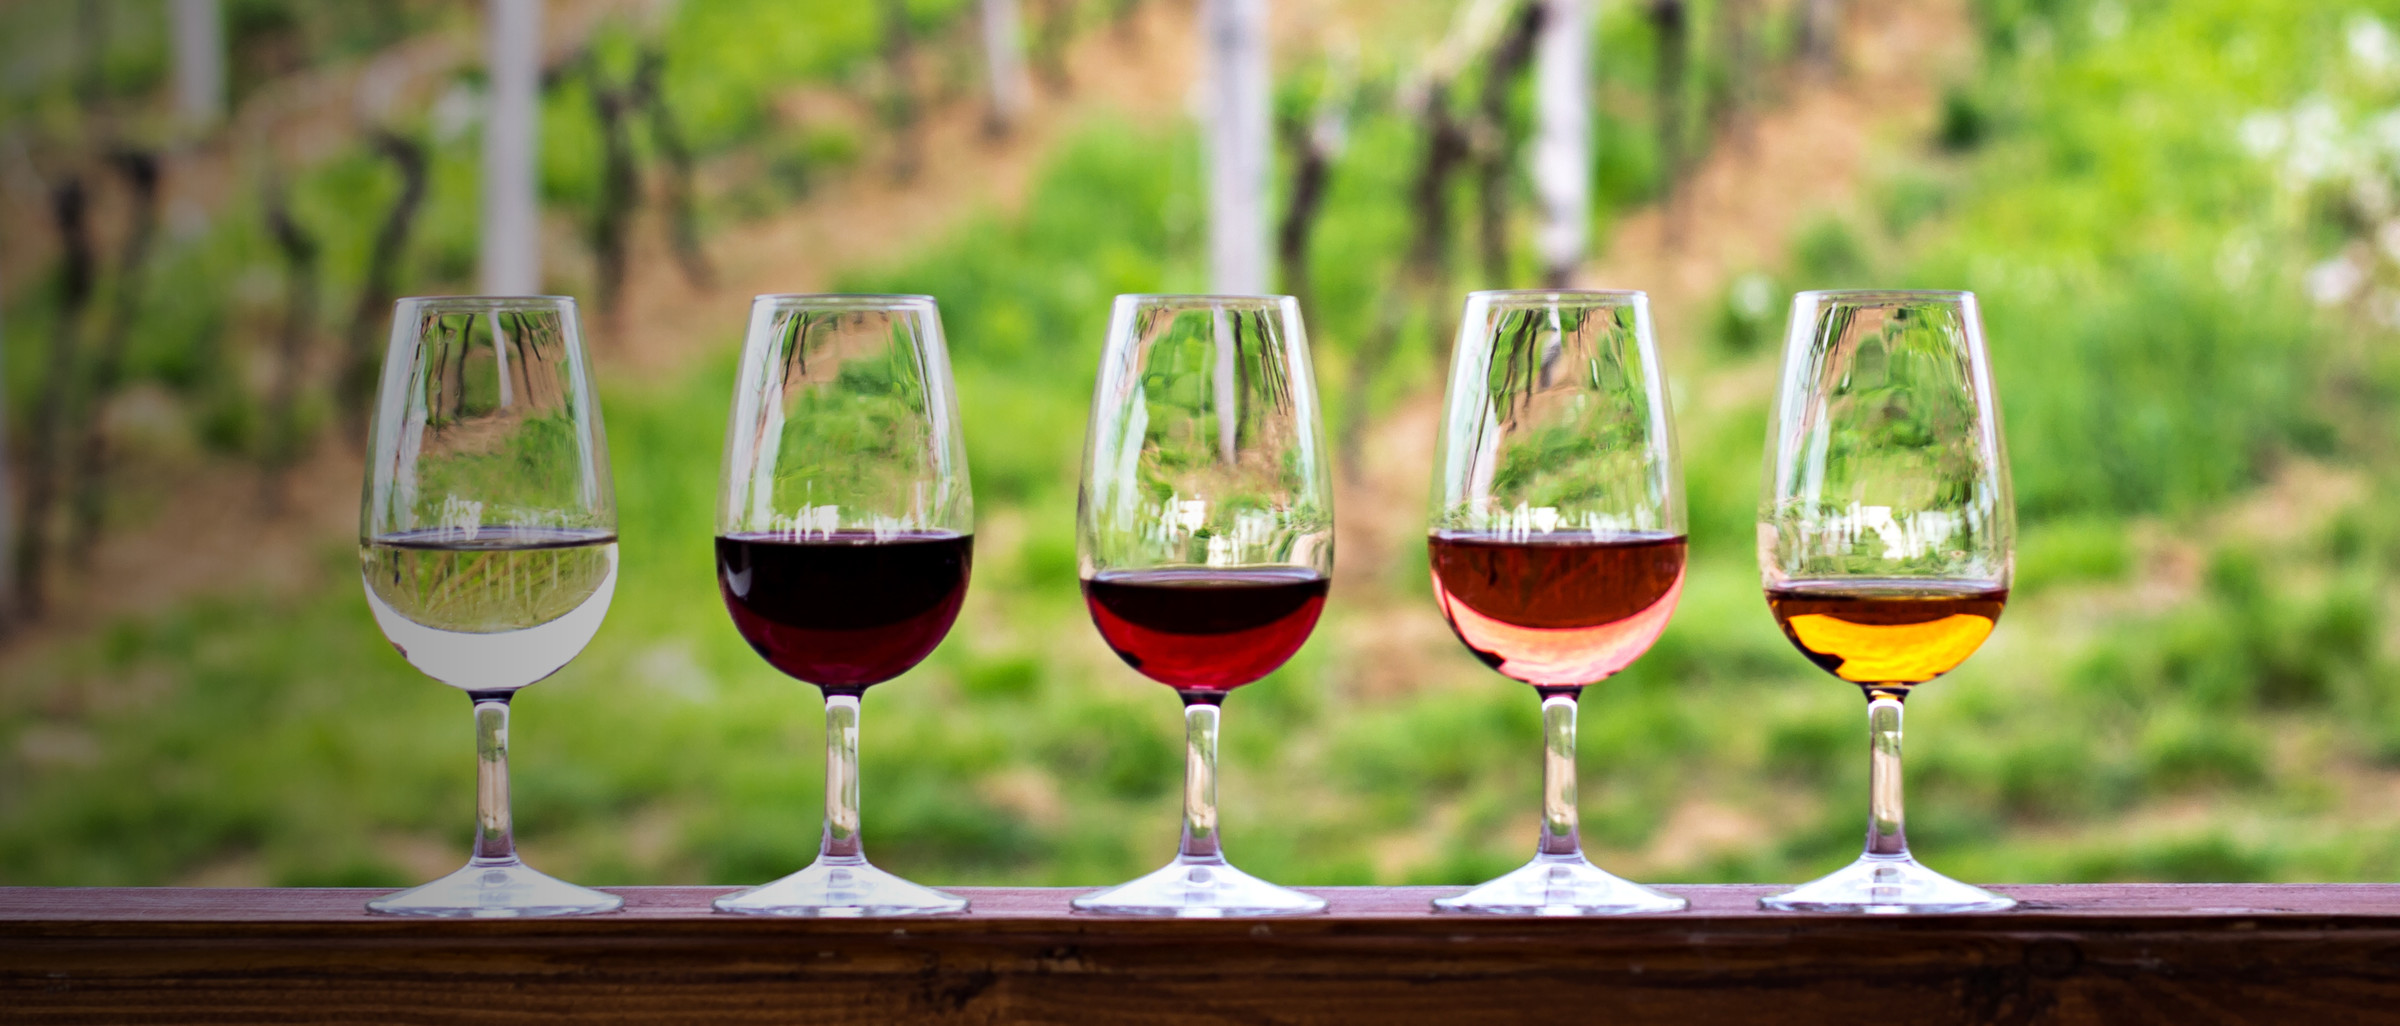 Für Weinliebhaber